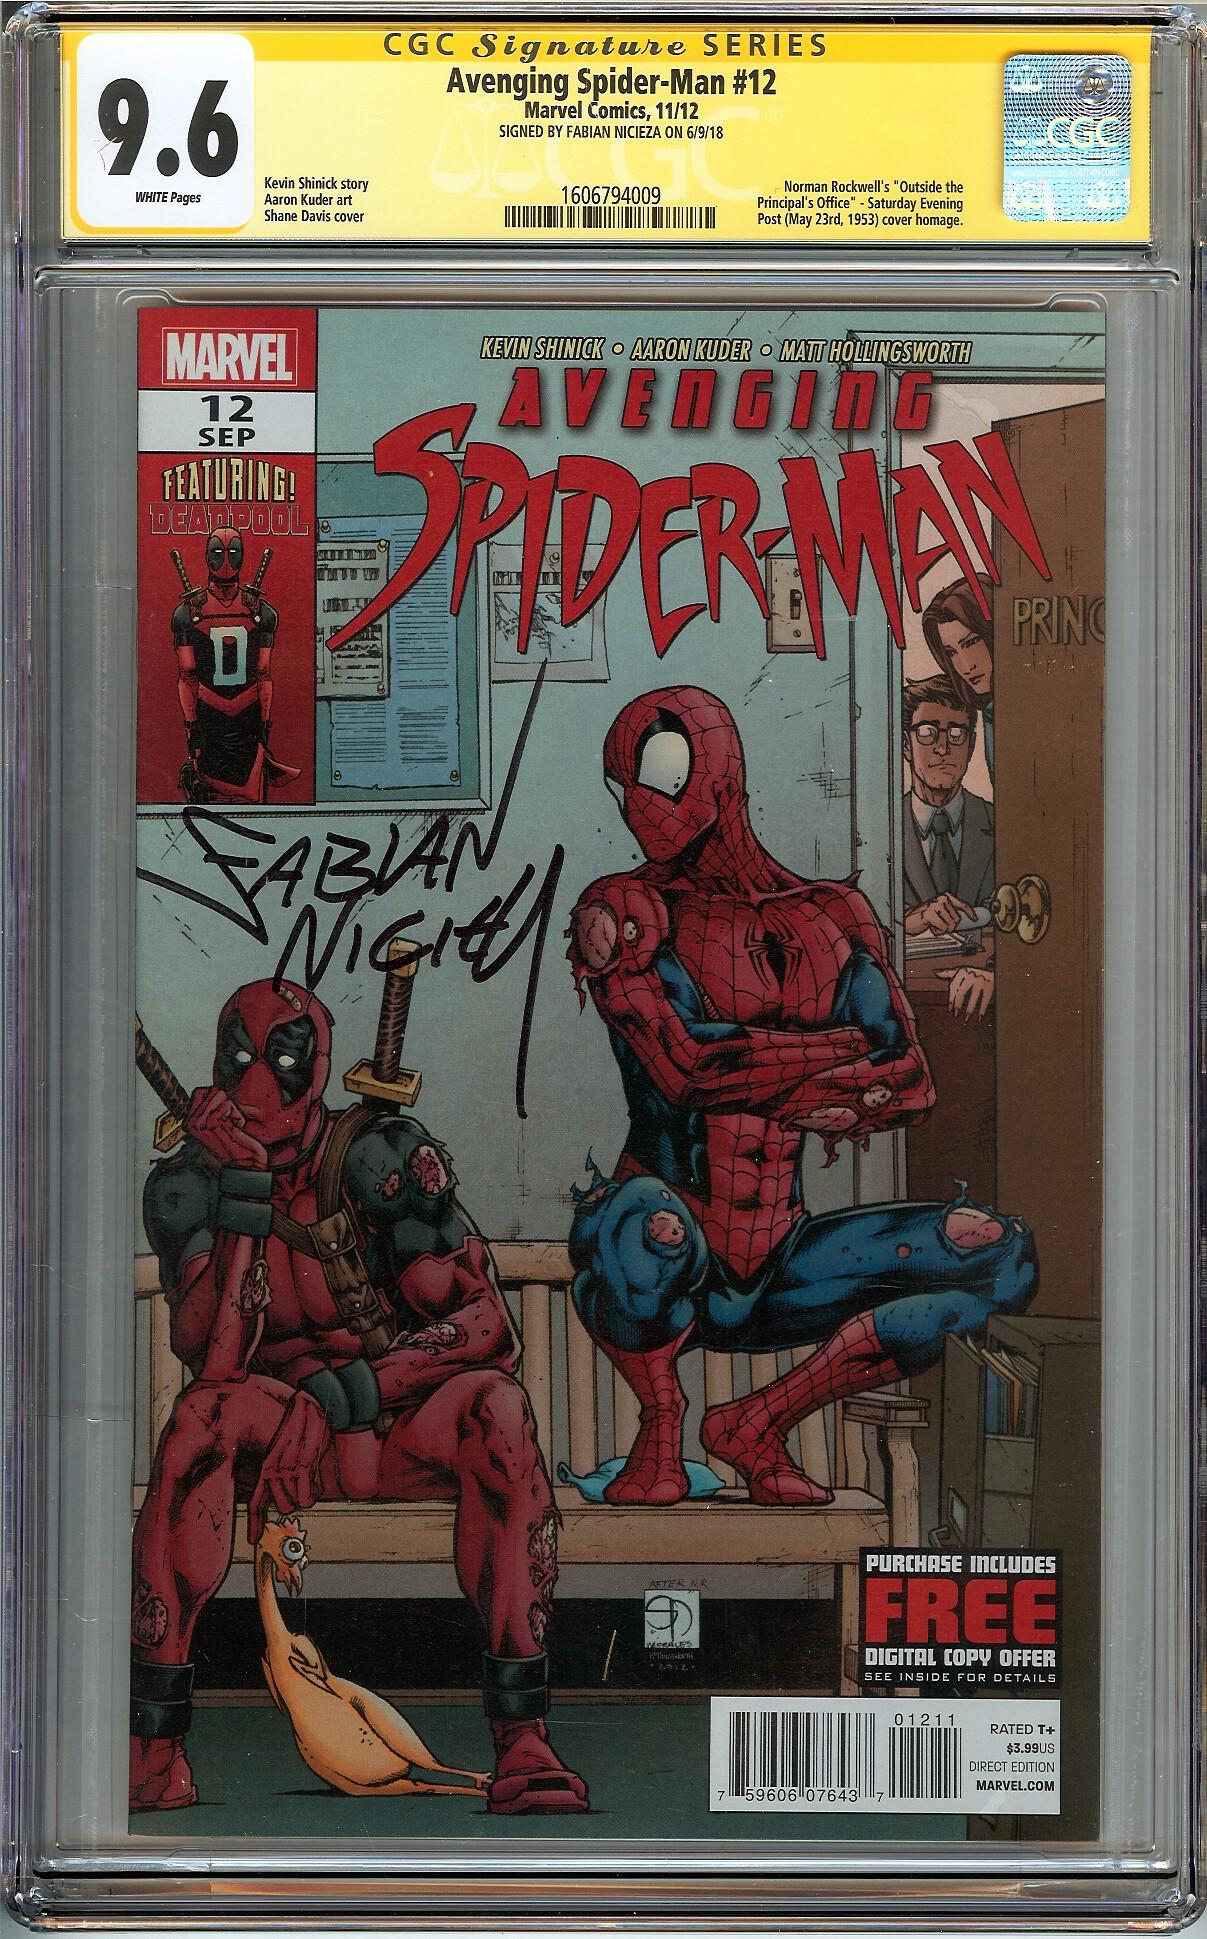 Detalles acerca de Justiciera Spider-Man #12 Certificado Garantía  Corporation 9.6 Casi Nuevo + Firmada Fabian Nicieza Deadpool Marvel Comics-  mostrar título ...